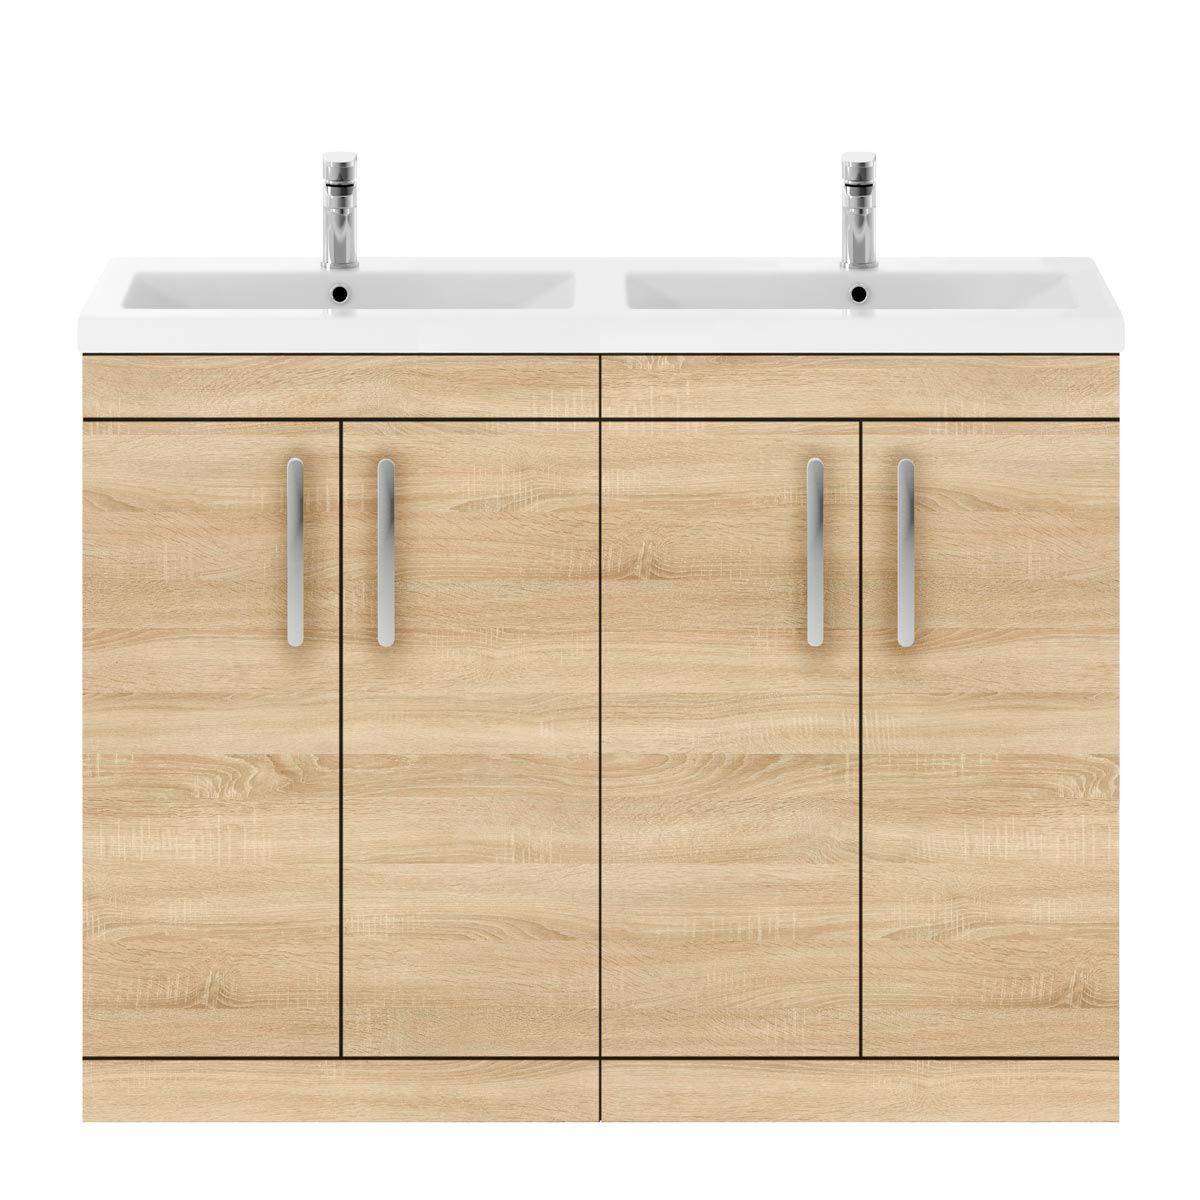 Nuie Athena Natural Oak 4 Door Floor Standing Vanity Unit with Ceramic Double Basin 1200mm